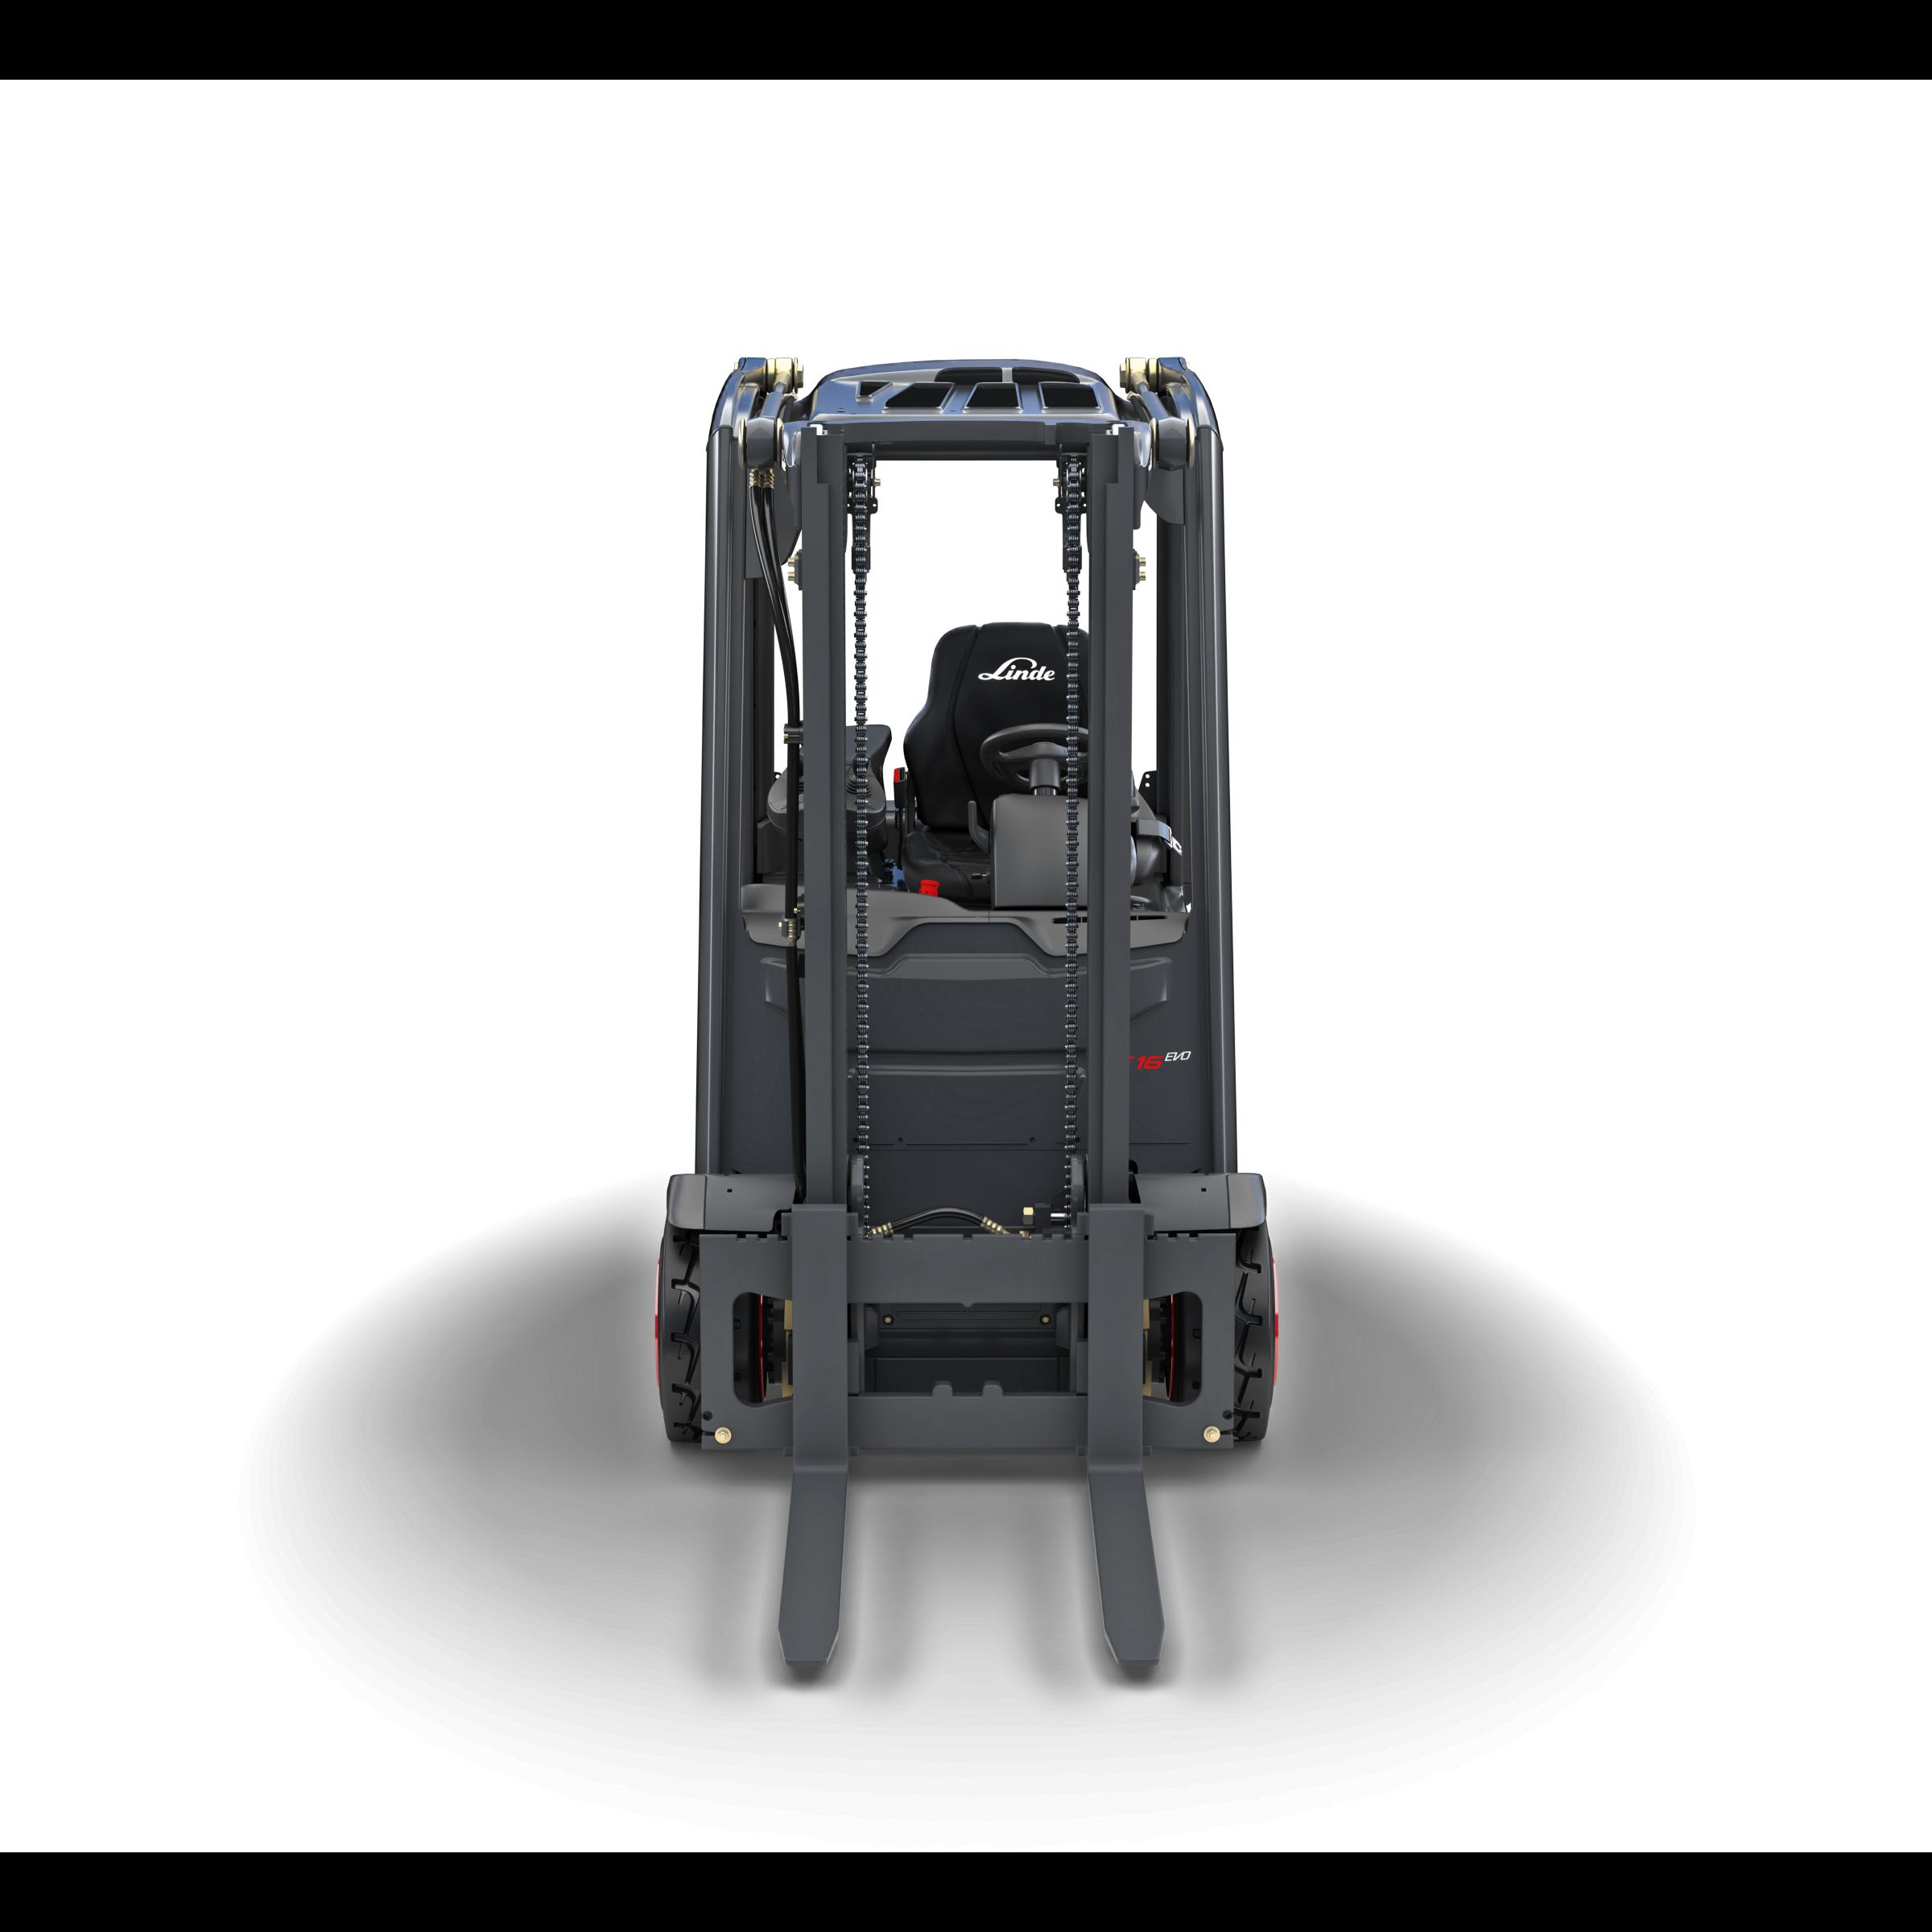 Elektrostapler - E12-E20 (Dreirad)